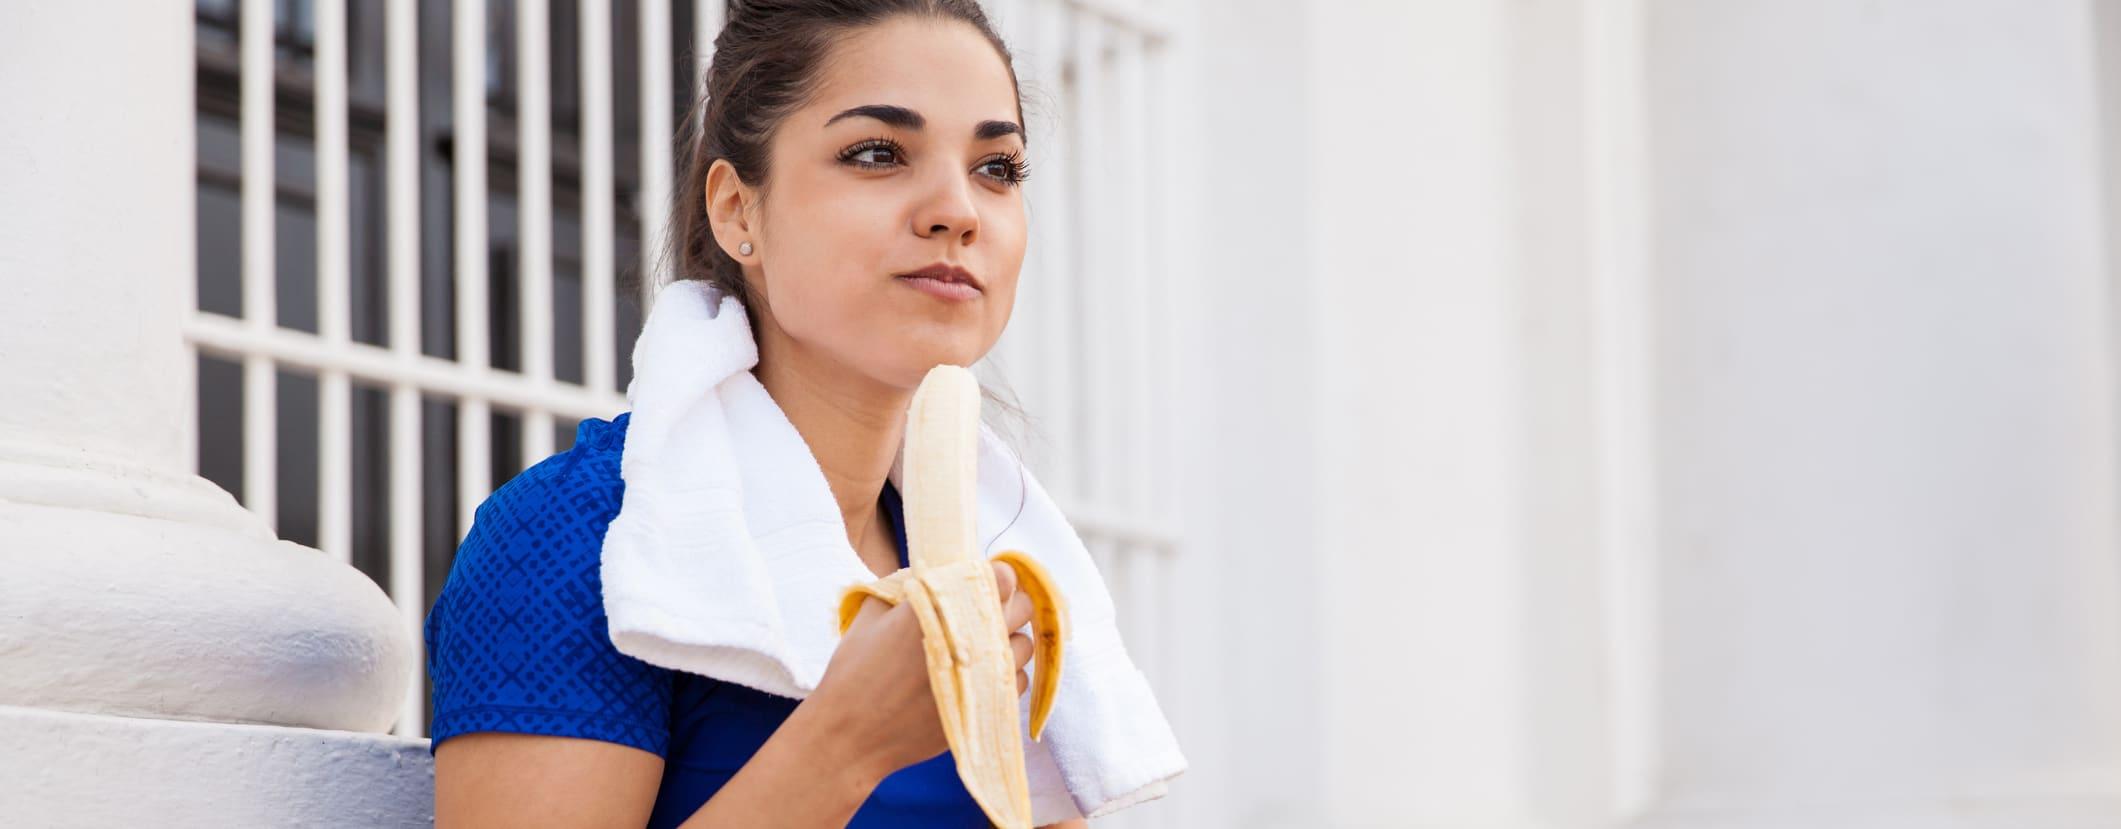 kvinne spiser banan etter løping